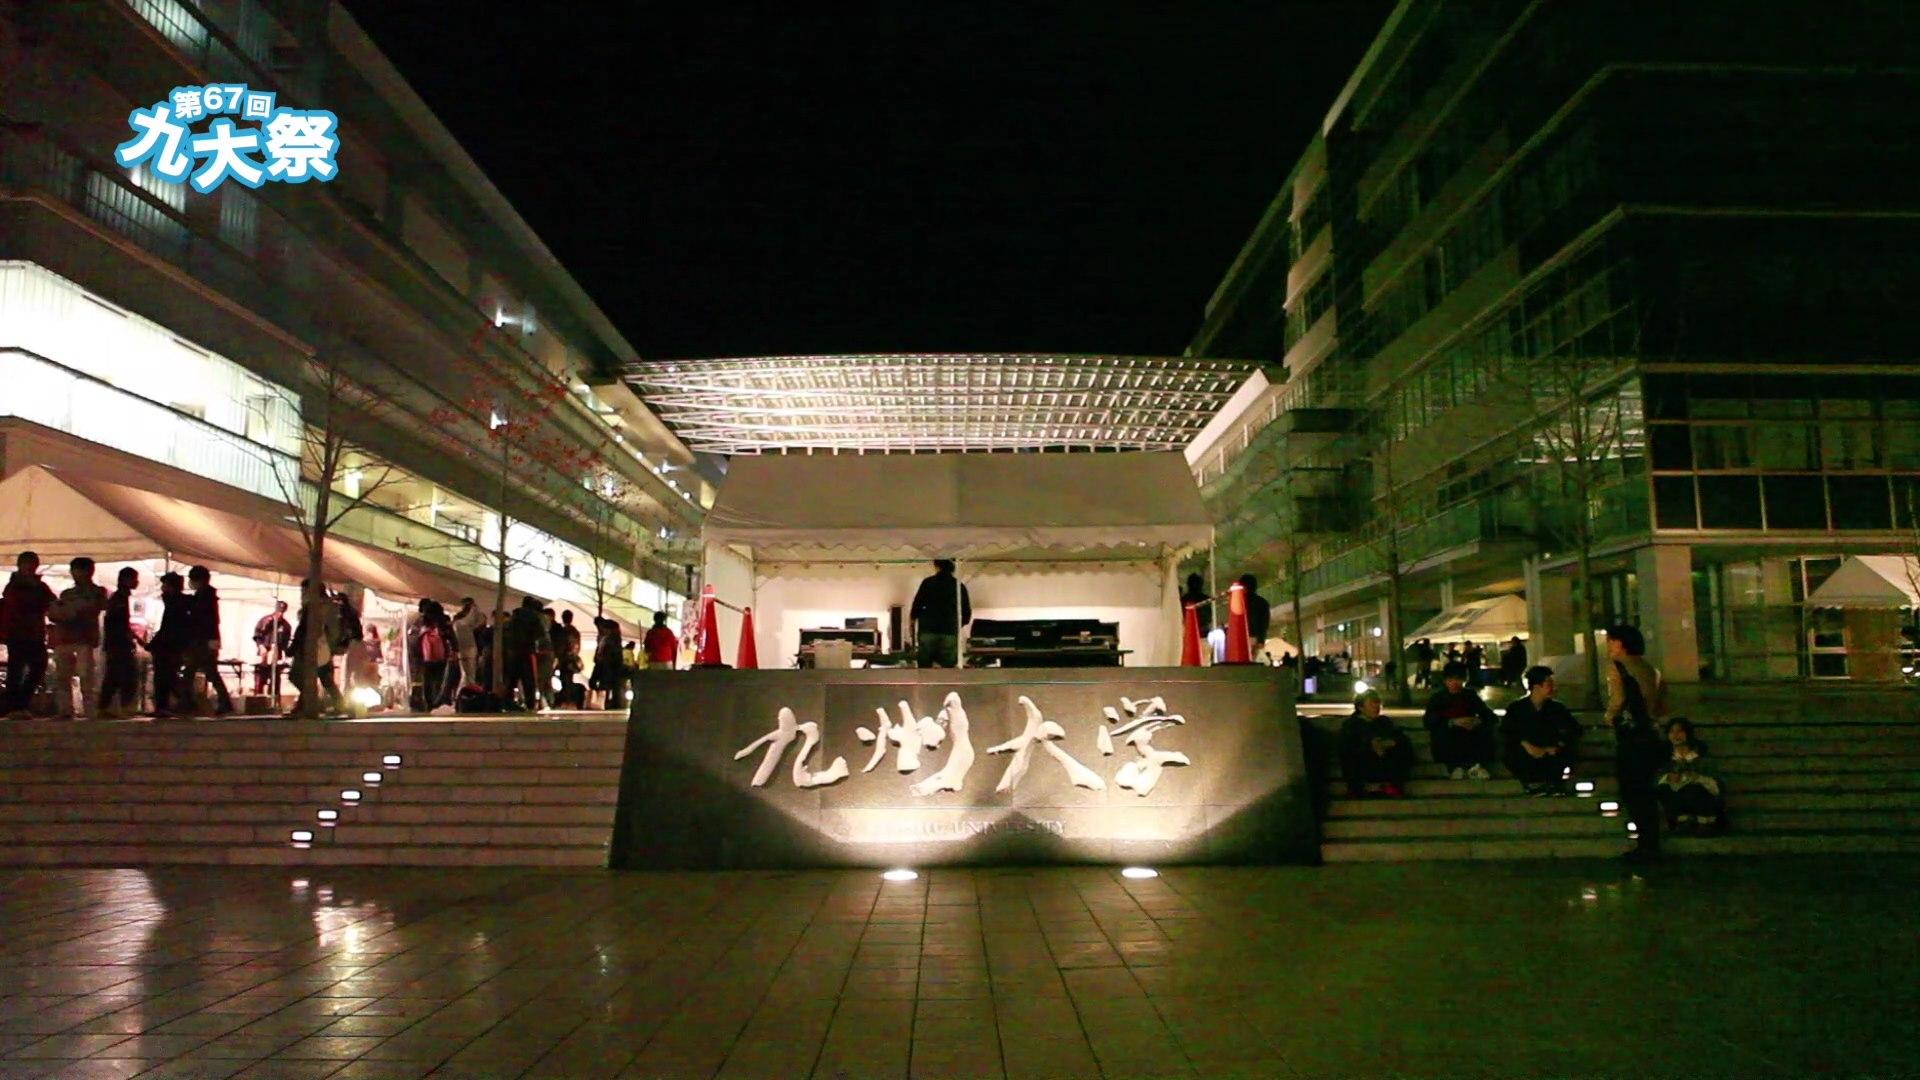 第67回 九州大学学祭.mov_000640874